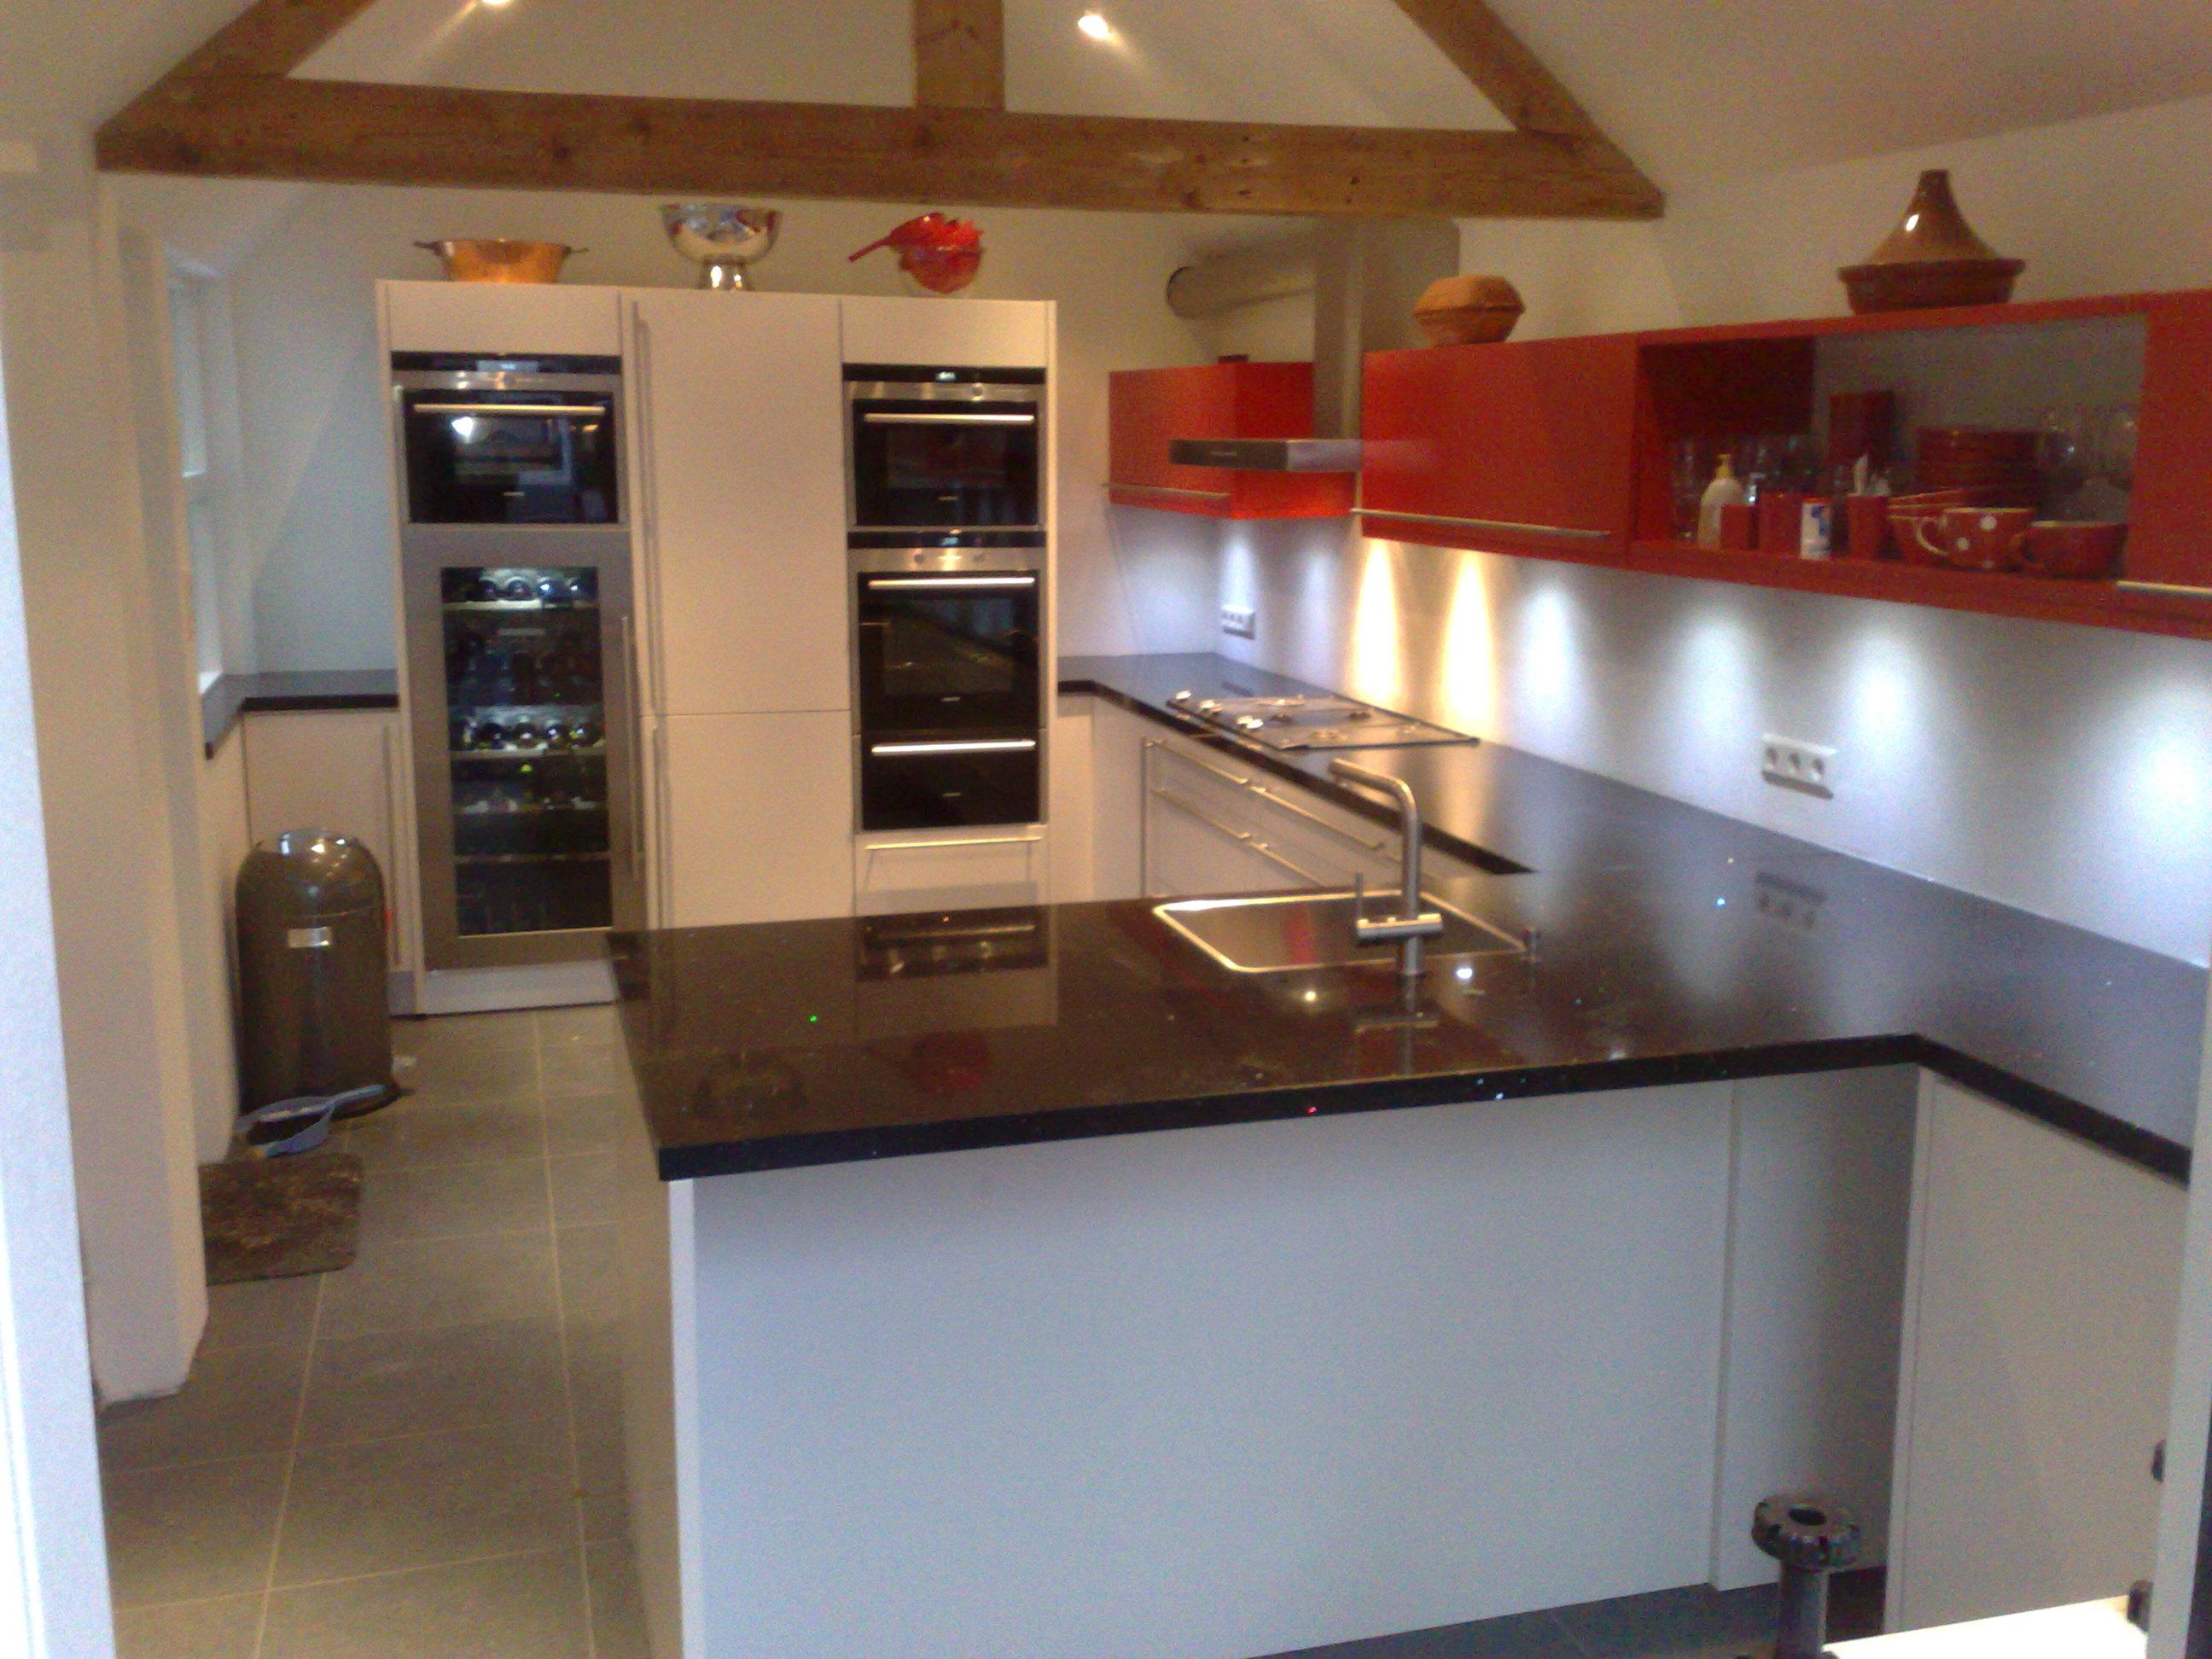 Keuken Verbouwen Aannemer : Keuken Verbouwen Aannemer : Aannemer Leiden Keuken plaatsen, verbouwen